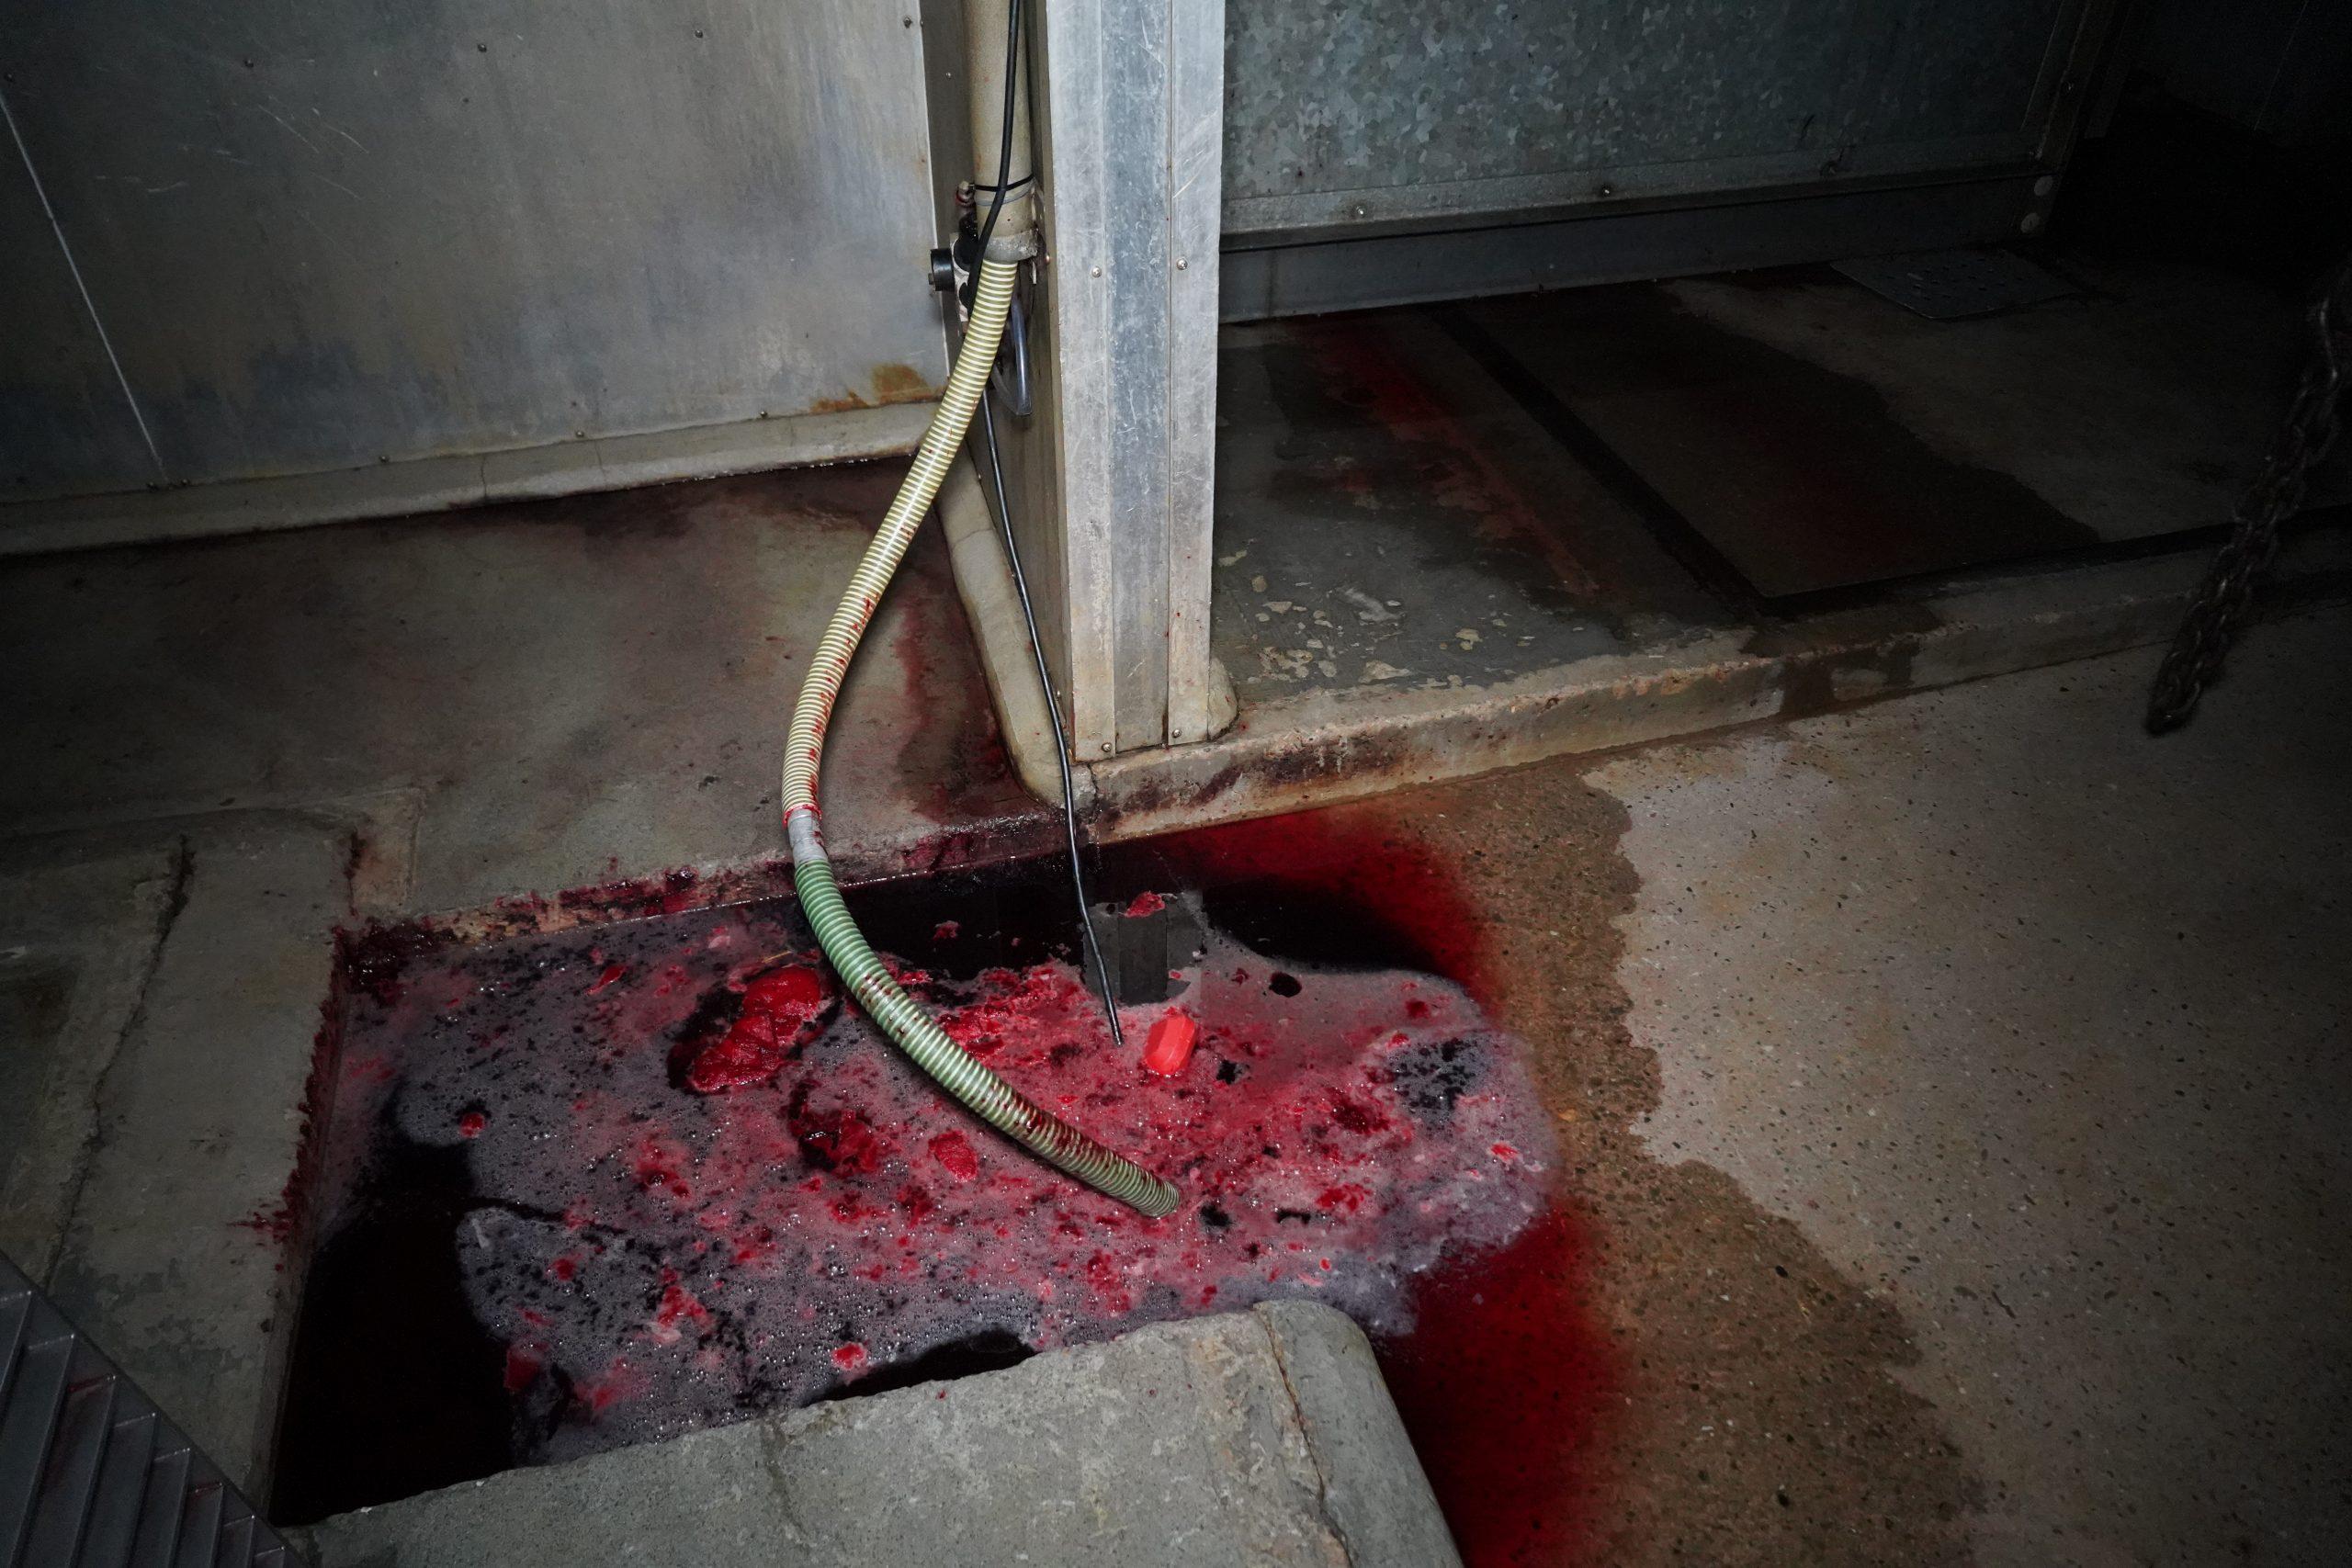 blood on ground